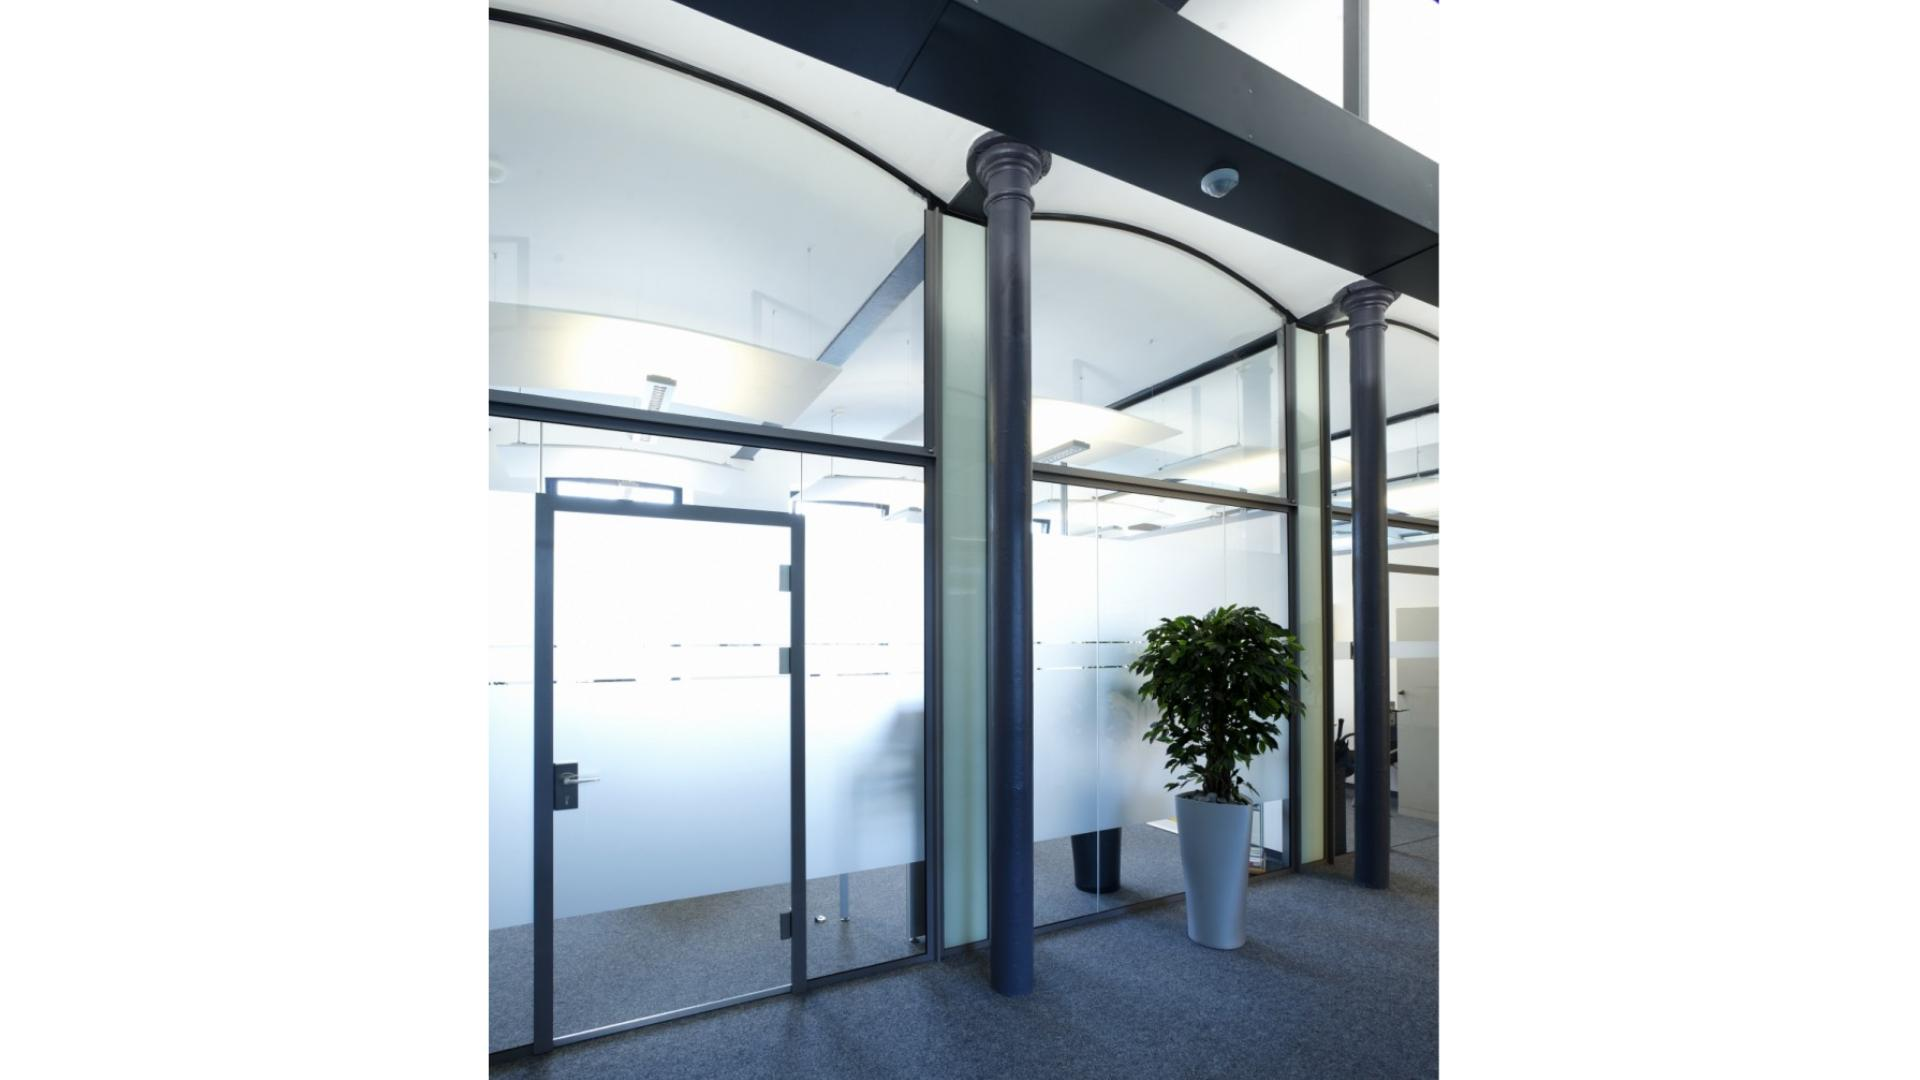 Ganzglas-Anlage in einem Firmengebäude